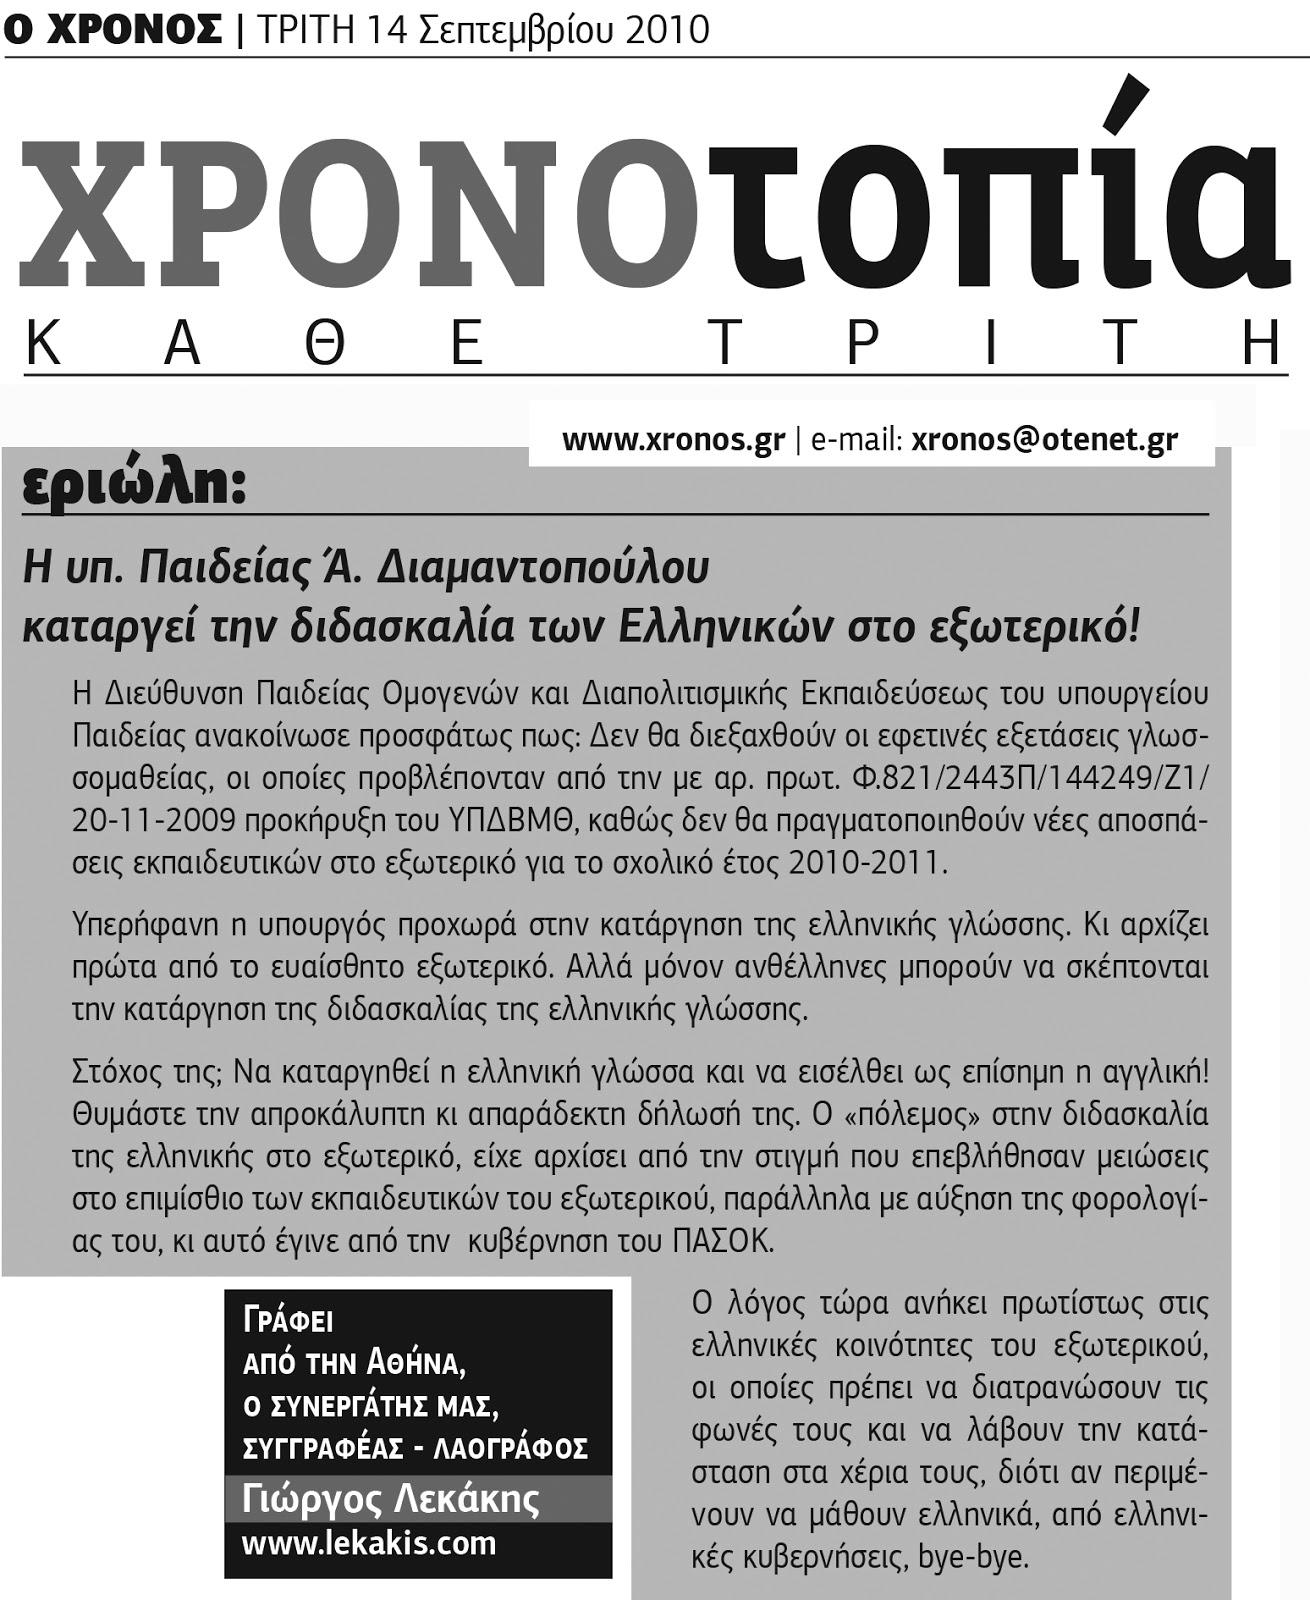 Η υπουργός Παιδείας, Άννα Διαμαντοπούλου, καταργεί την διδασκαλία των Ελληνικών στο εξωτερικό